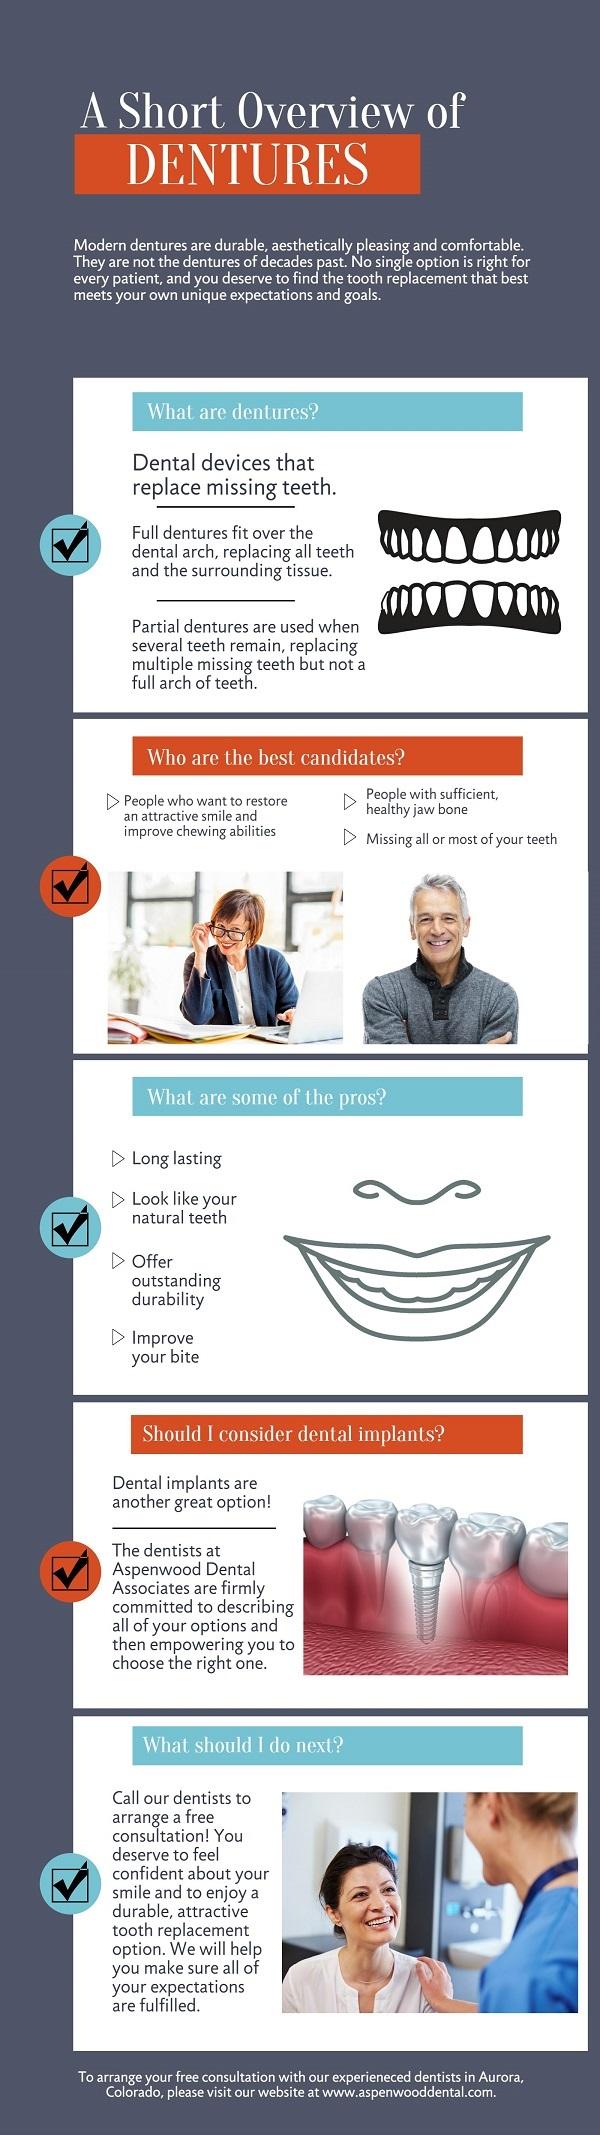 Infographic: Overview of Dentures | Aspenwood Dental Associates & Colorado Dental Implant Center